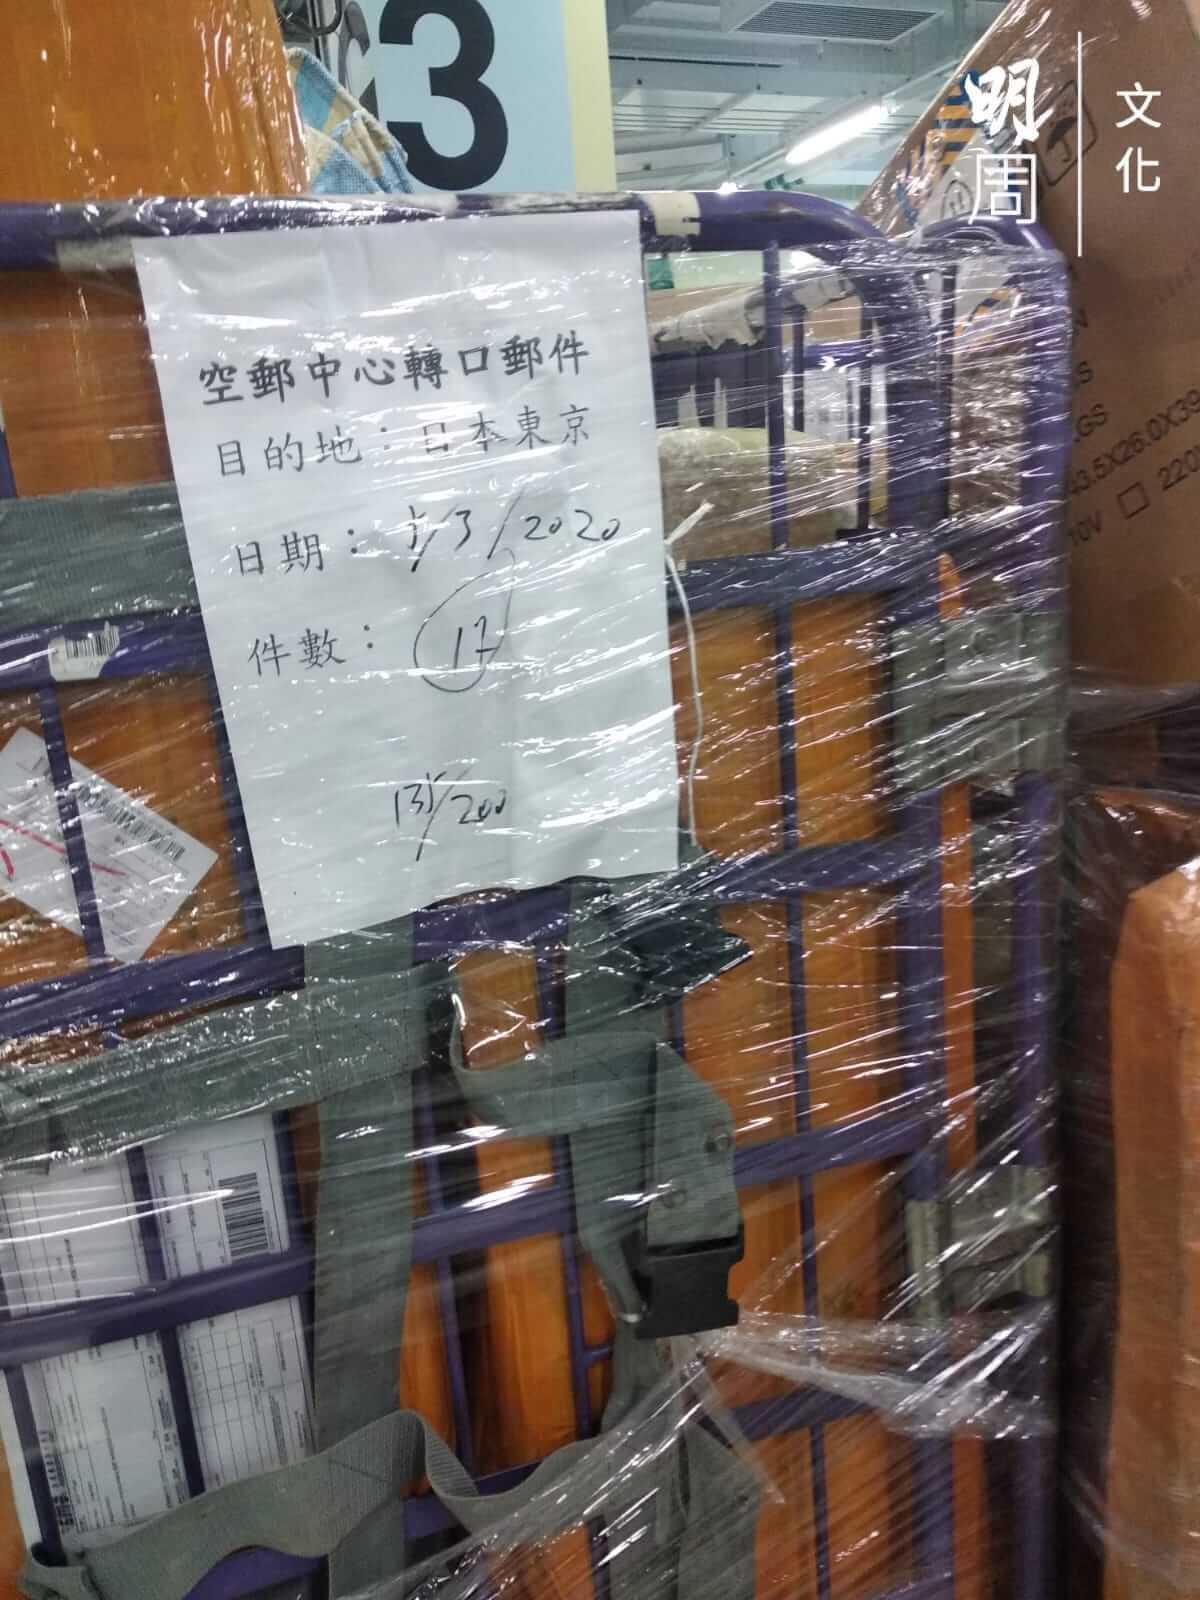 大陸經香港轉寄東京的郵件,已經滯留香港超過三星期。